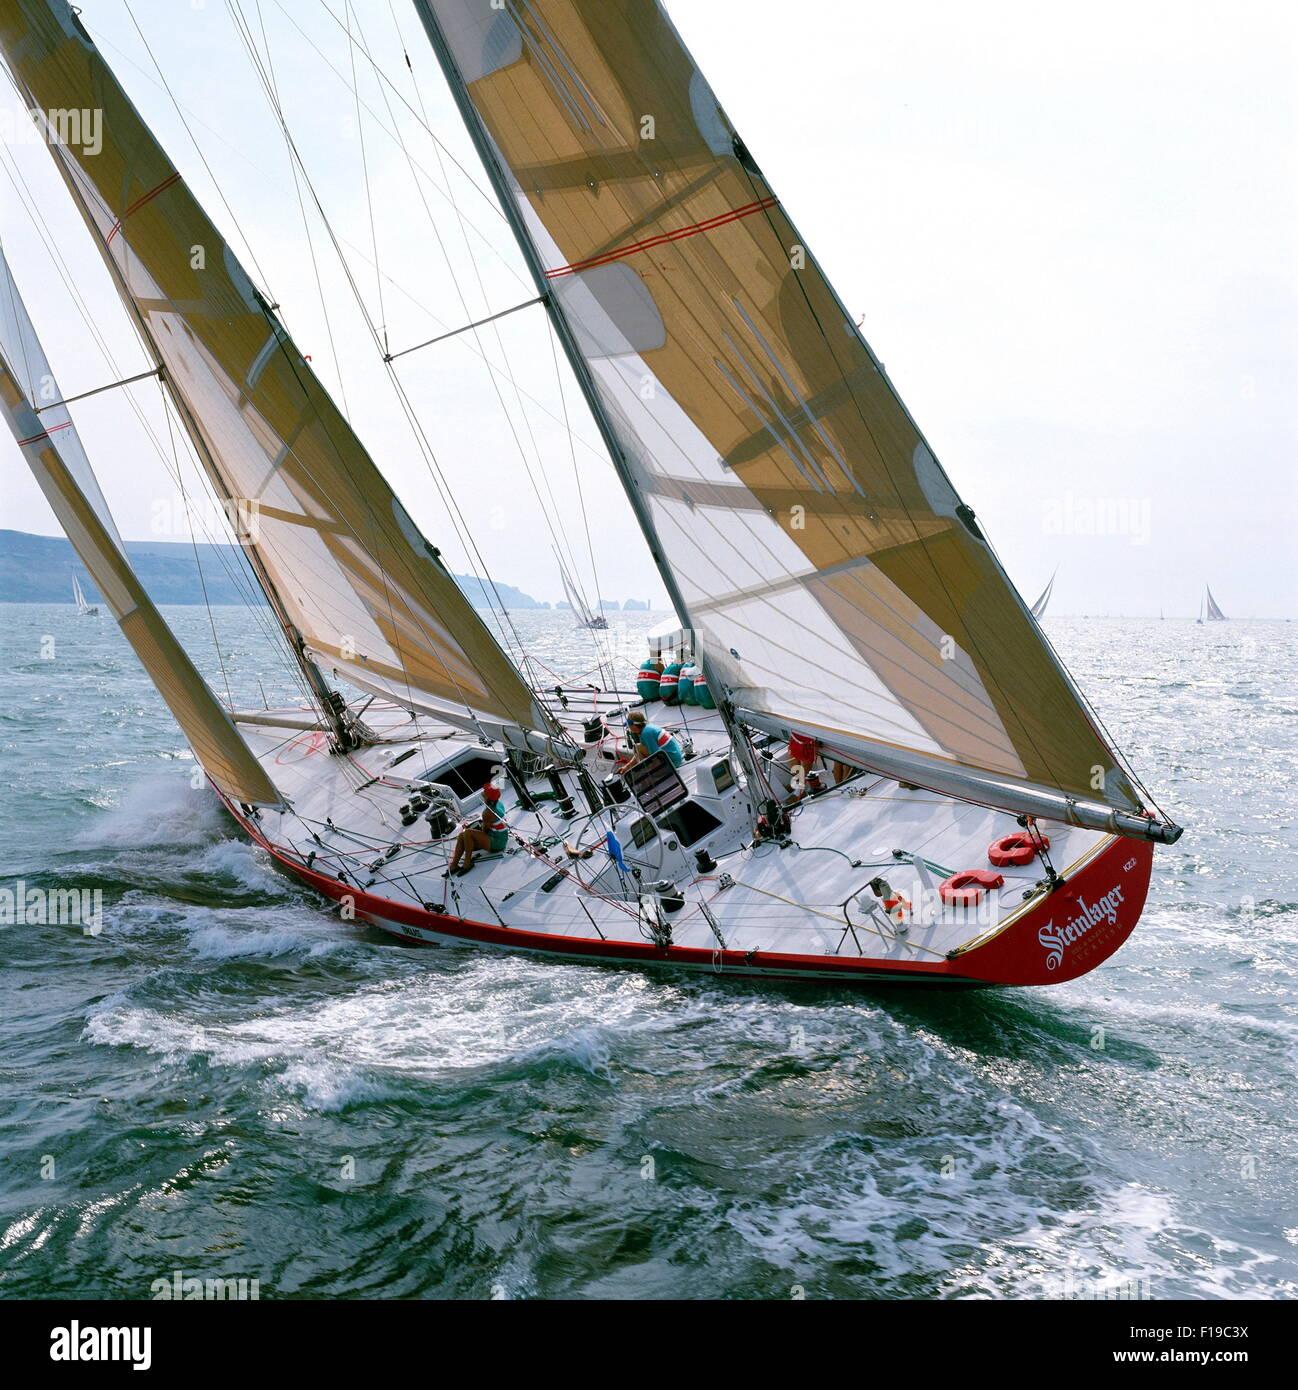 AJAXNETPHOTO. 1989. SOLENT, Inglaterra. FASTNET RACE 1989 - Steinlager II / SKIPPER : Peter Blake (NZL) de las agujas. Imagen De Stock